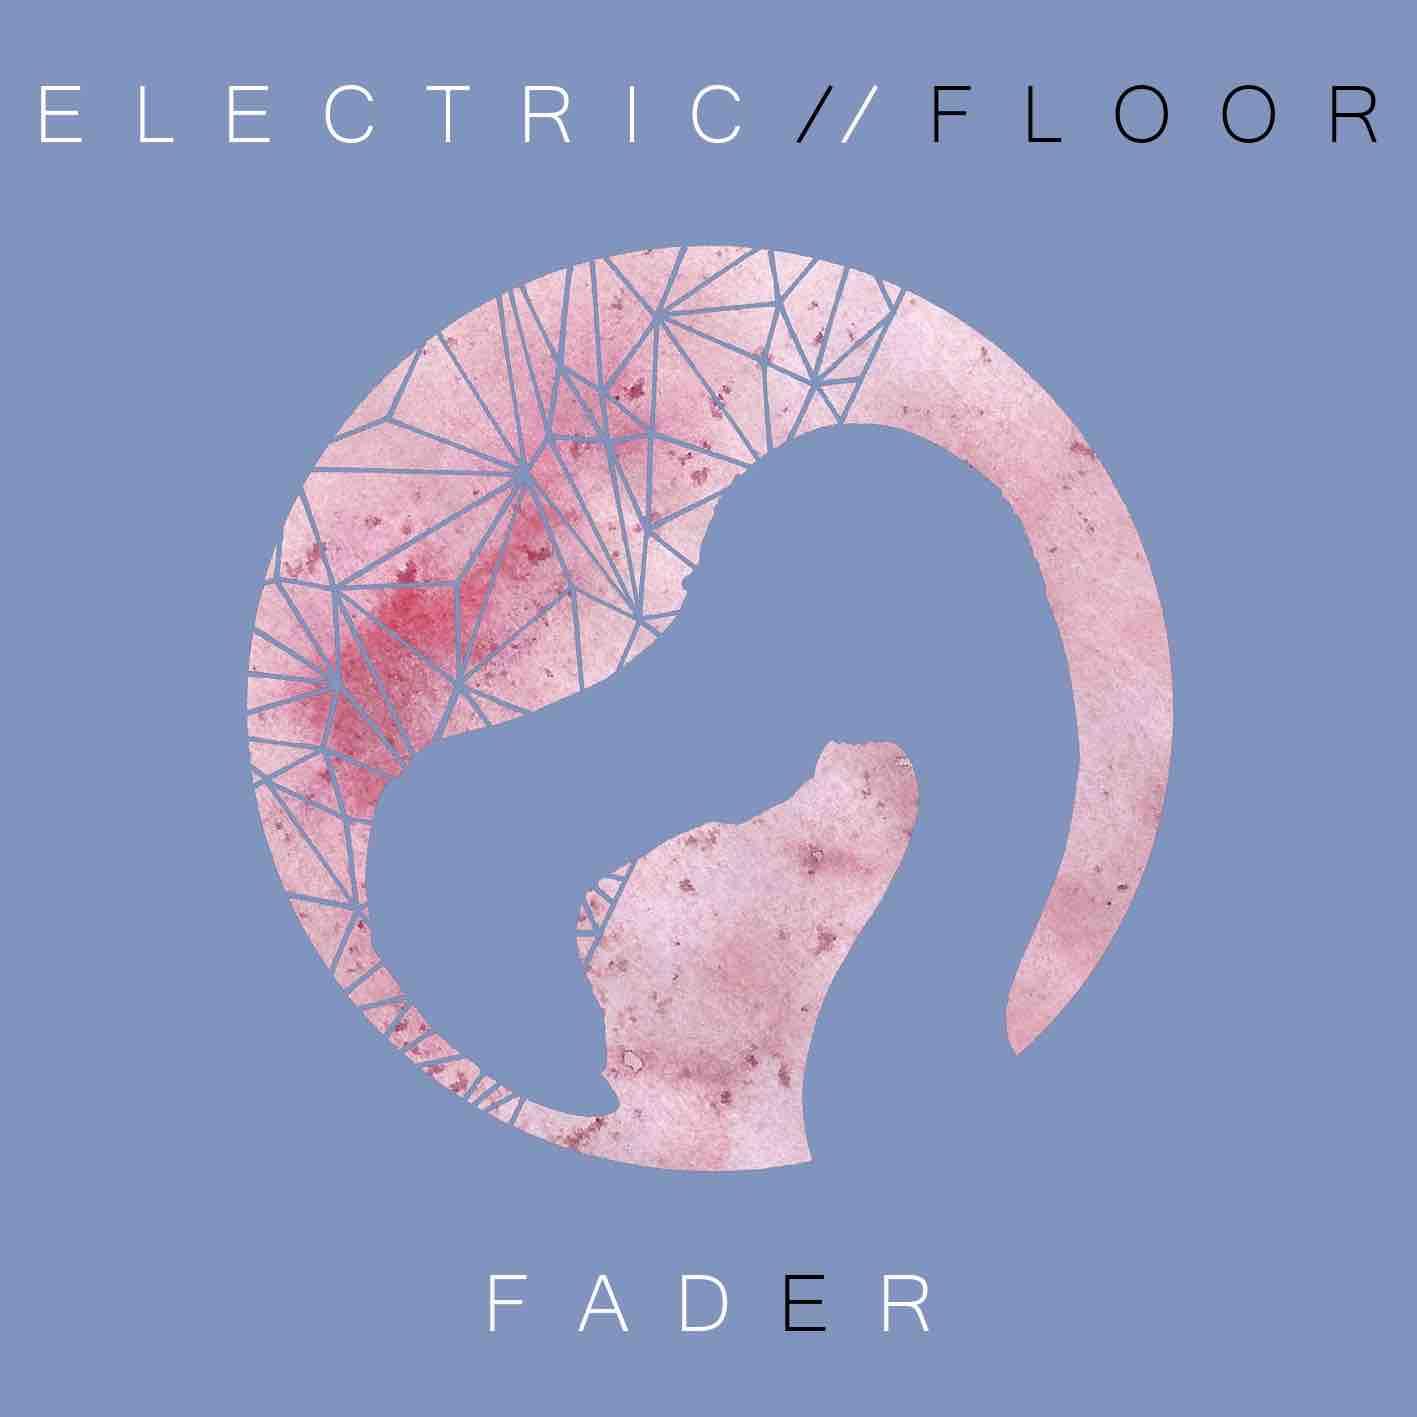 Fader, il nuovo album degli Eletric Floor